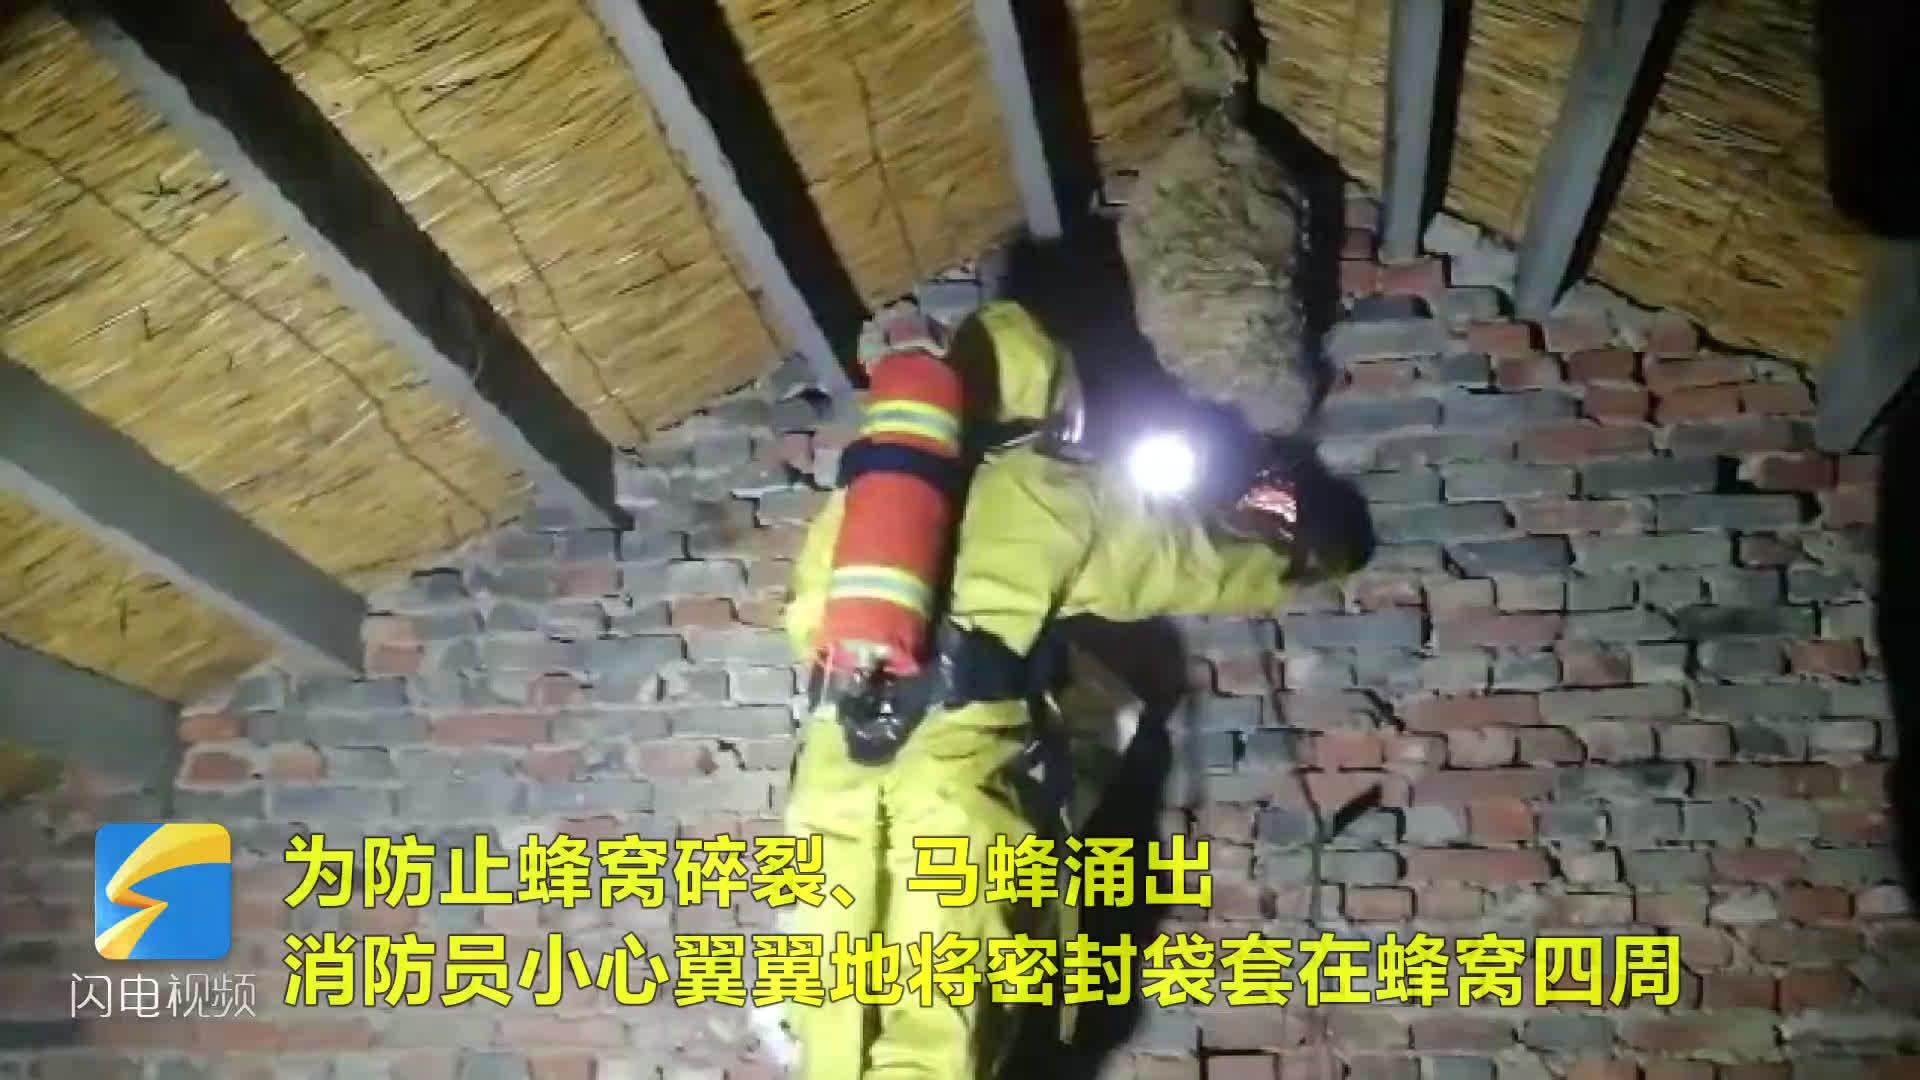 真吓人!潍坊昌乐一农户家中惊现直径超半米的马蜂窝